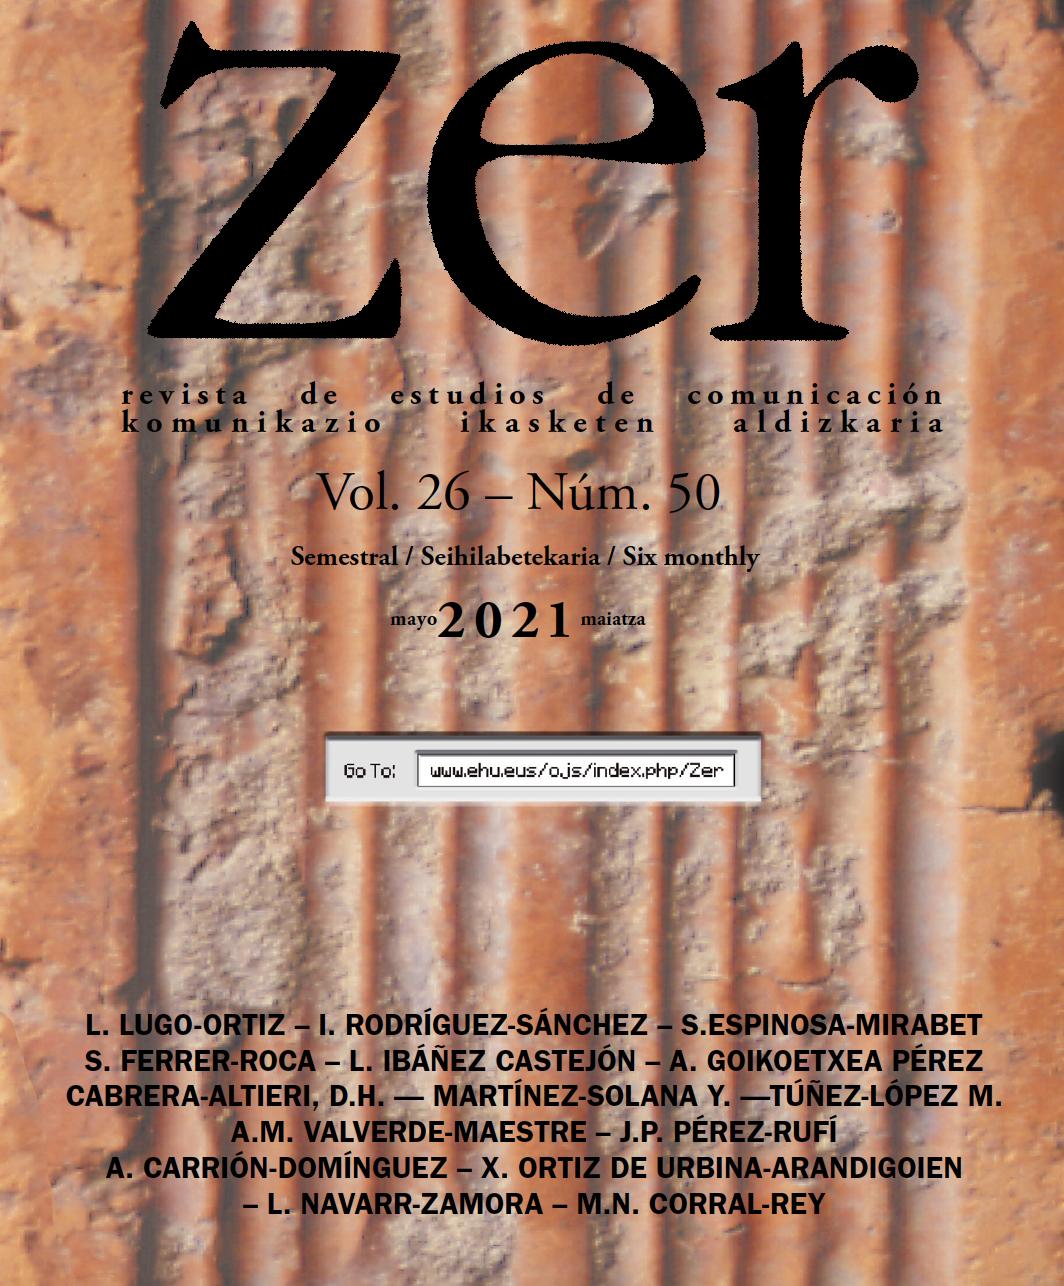 Portada de la revista ZER. Revista de Estudios de Comunicación.  Vol 26 nº 50